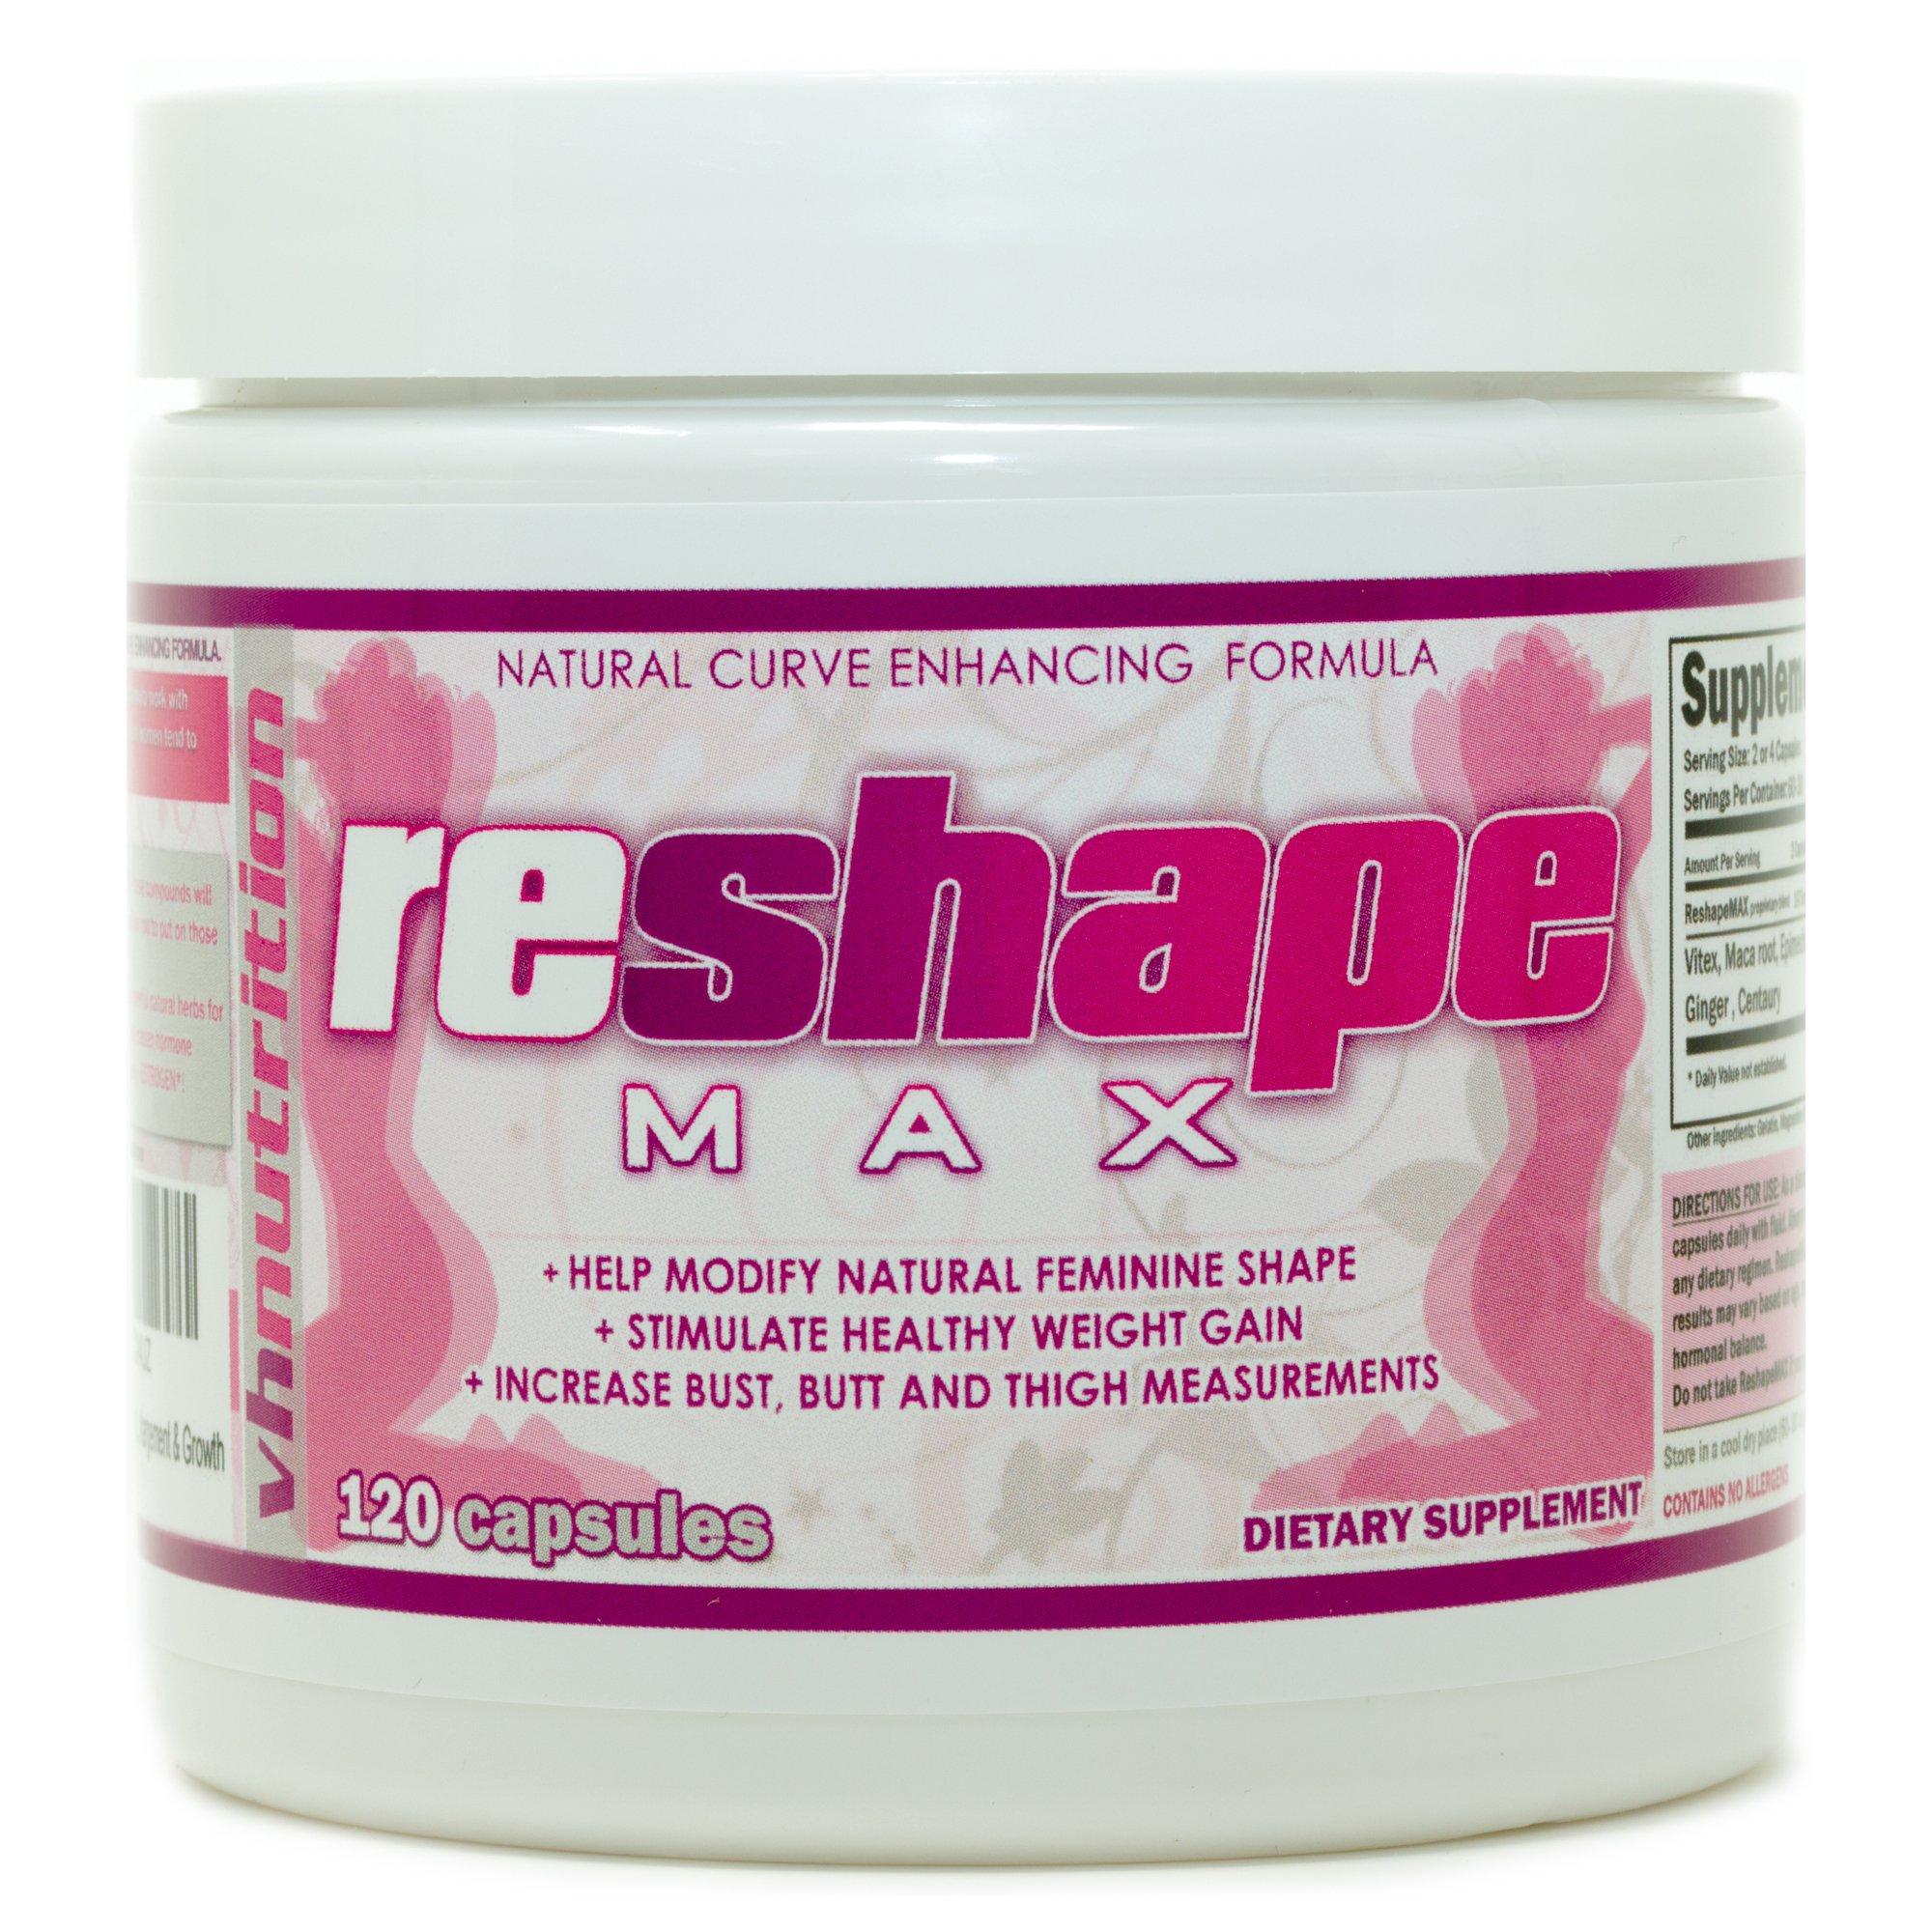 VH Nutrition | ReshapeMAX | Butt Enlargement Pills for Women | Butt Enhancer | Butt Enhancement |1 Month Supply | 120 Capsule